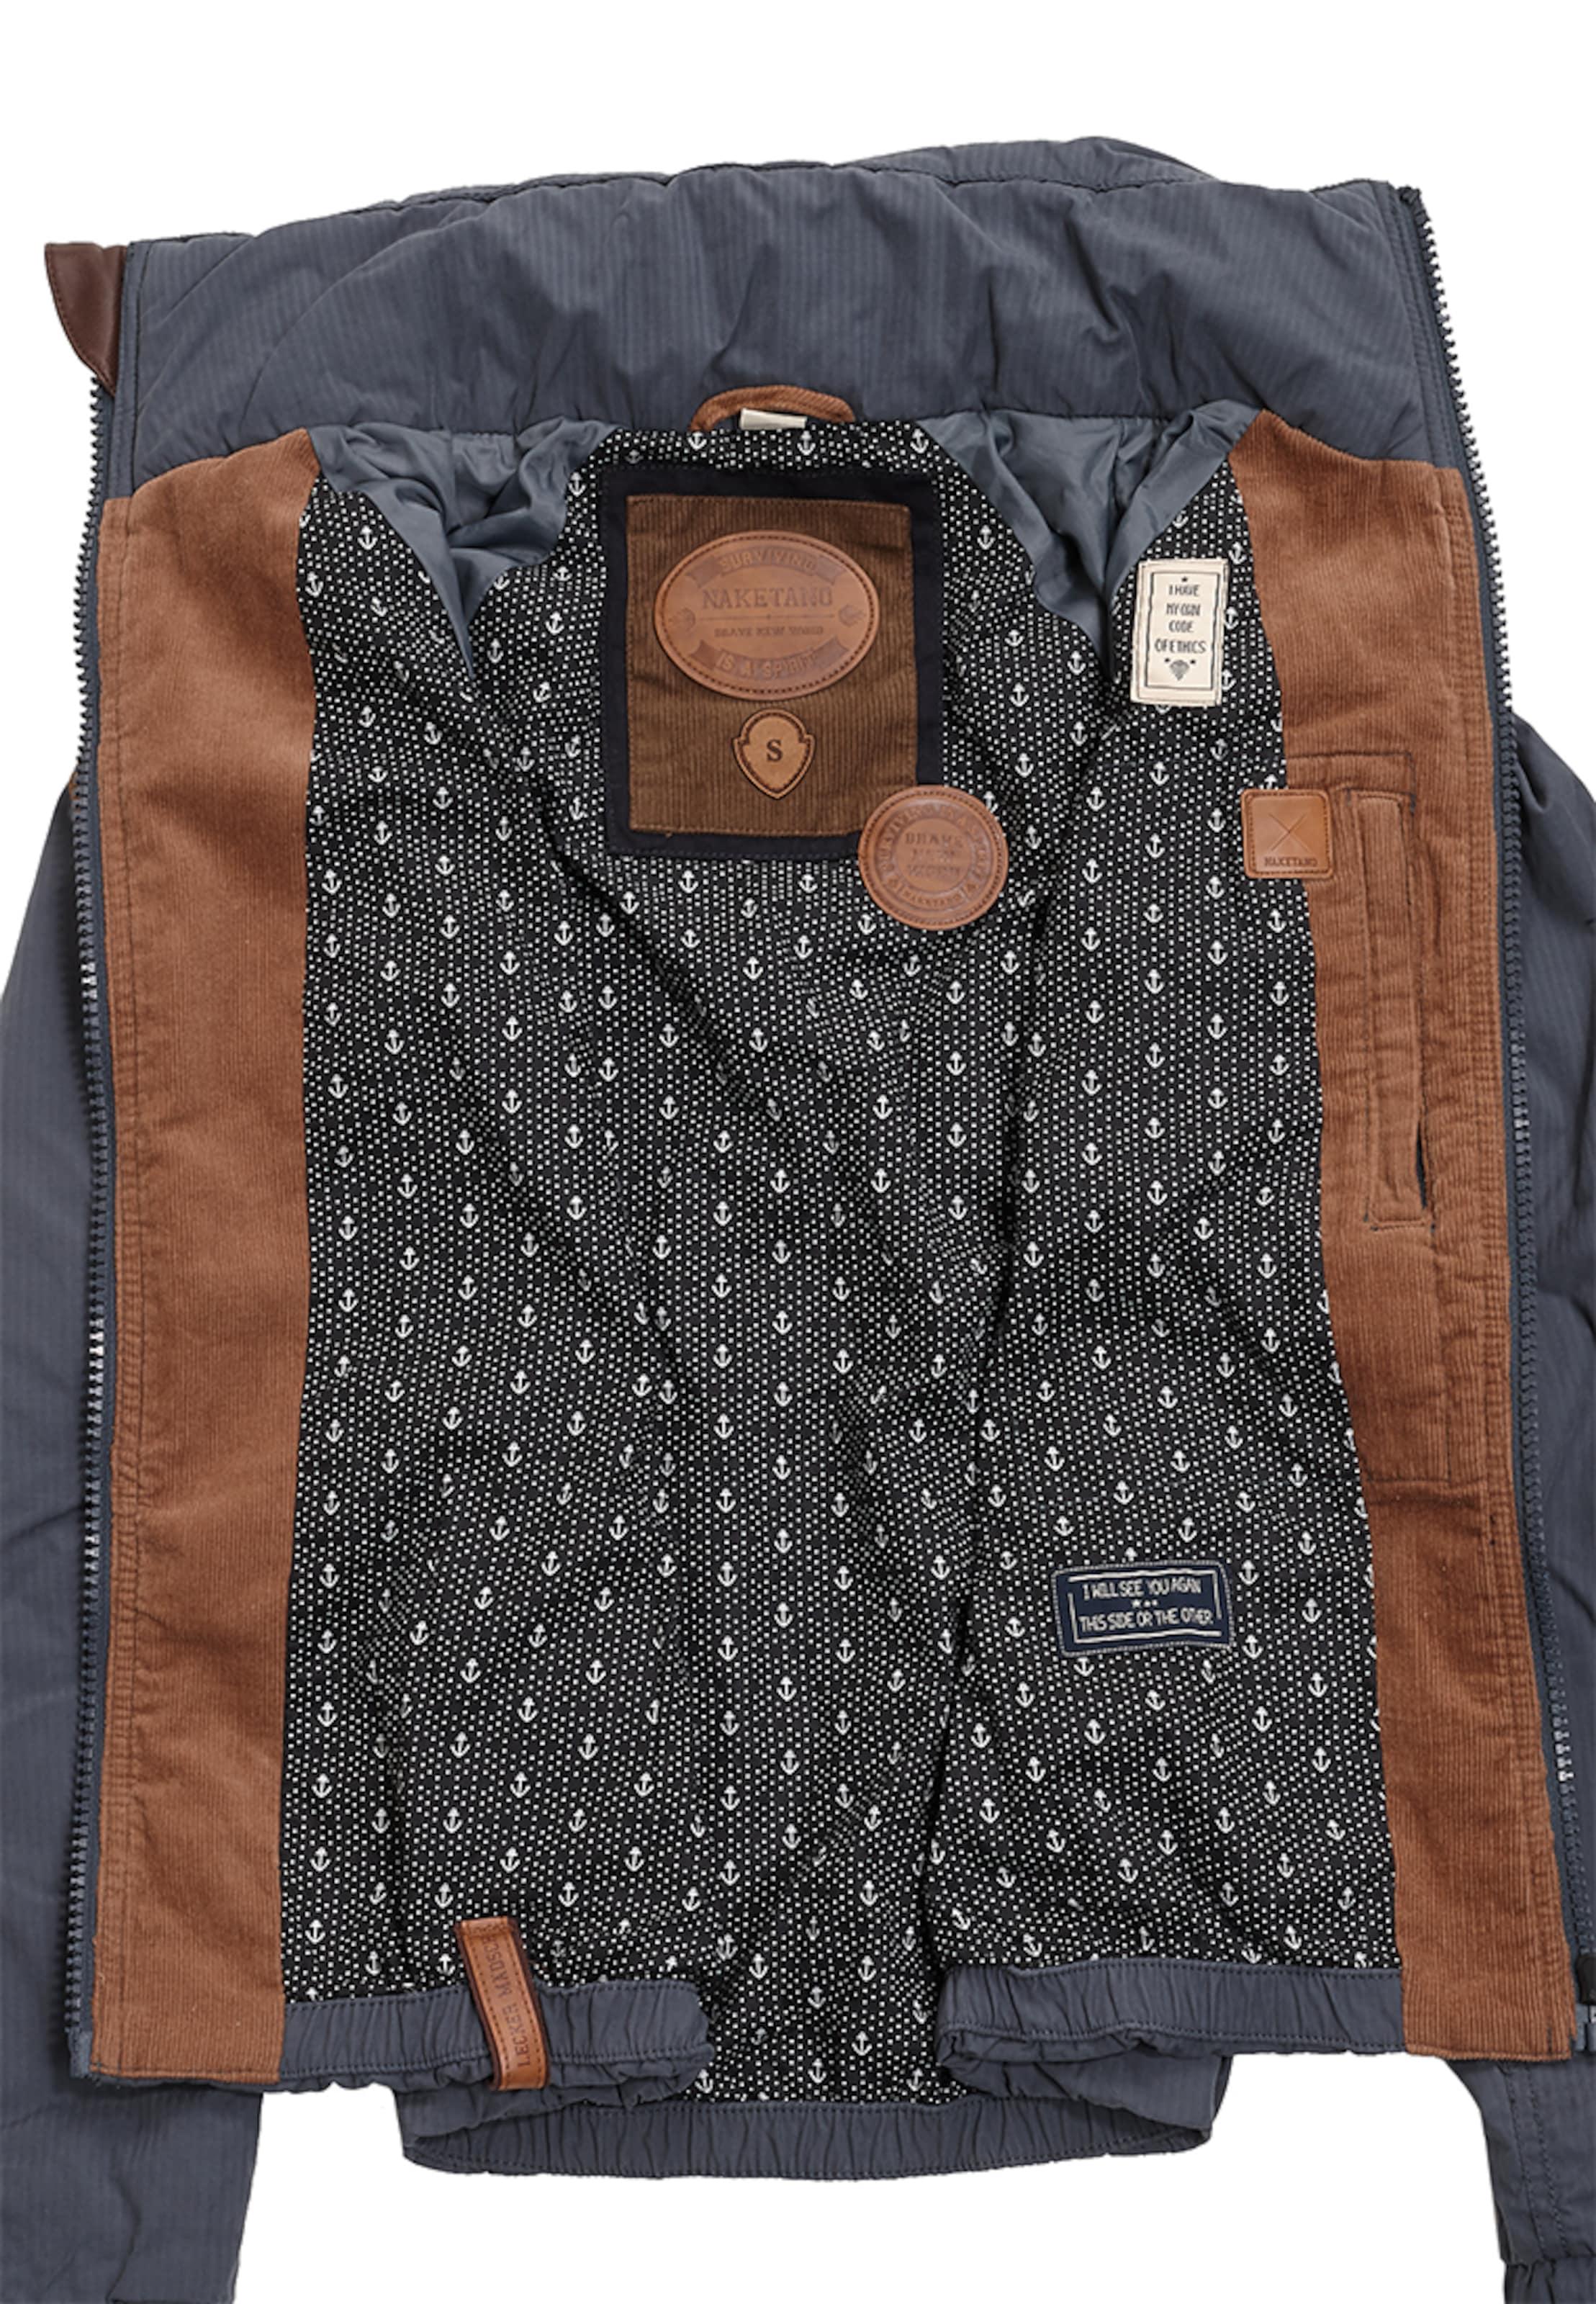 naketano Jacket 'Klatschen Und So' Mode-Stil Zu Verkaufen Gute Qualität Unter 50 Dollar Billiger Preis mdQzIxIfJu